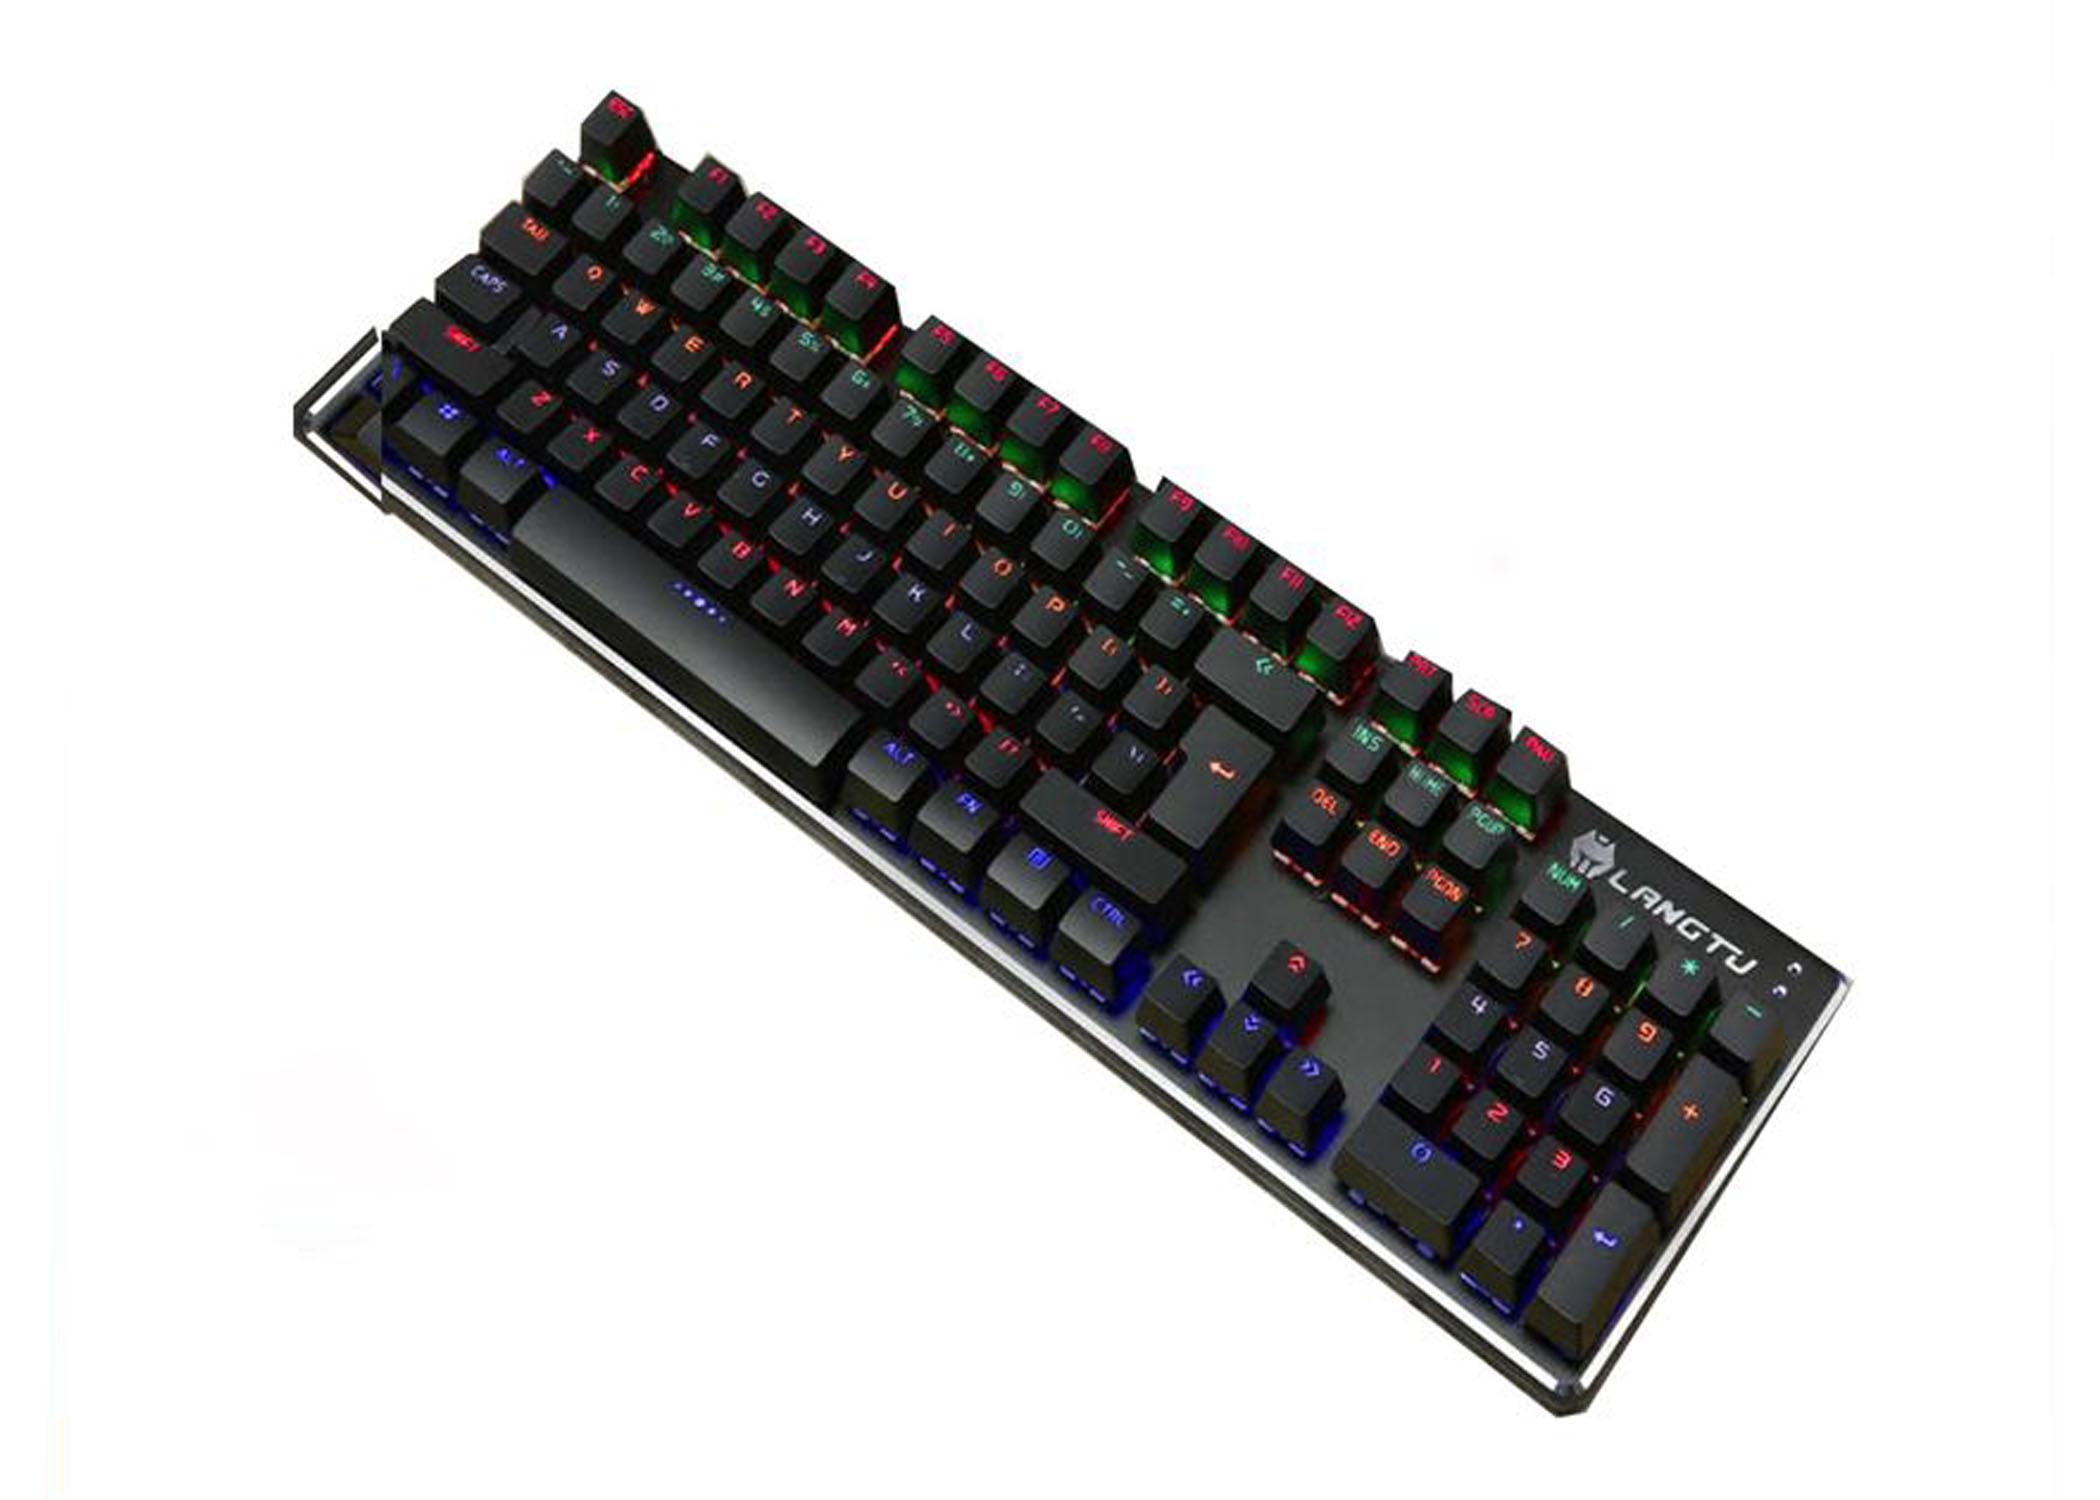 BÀN PHÍM CƠ LANGTU G100 LED RGB GAMING